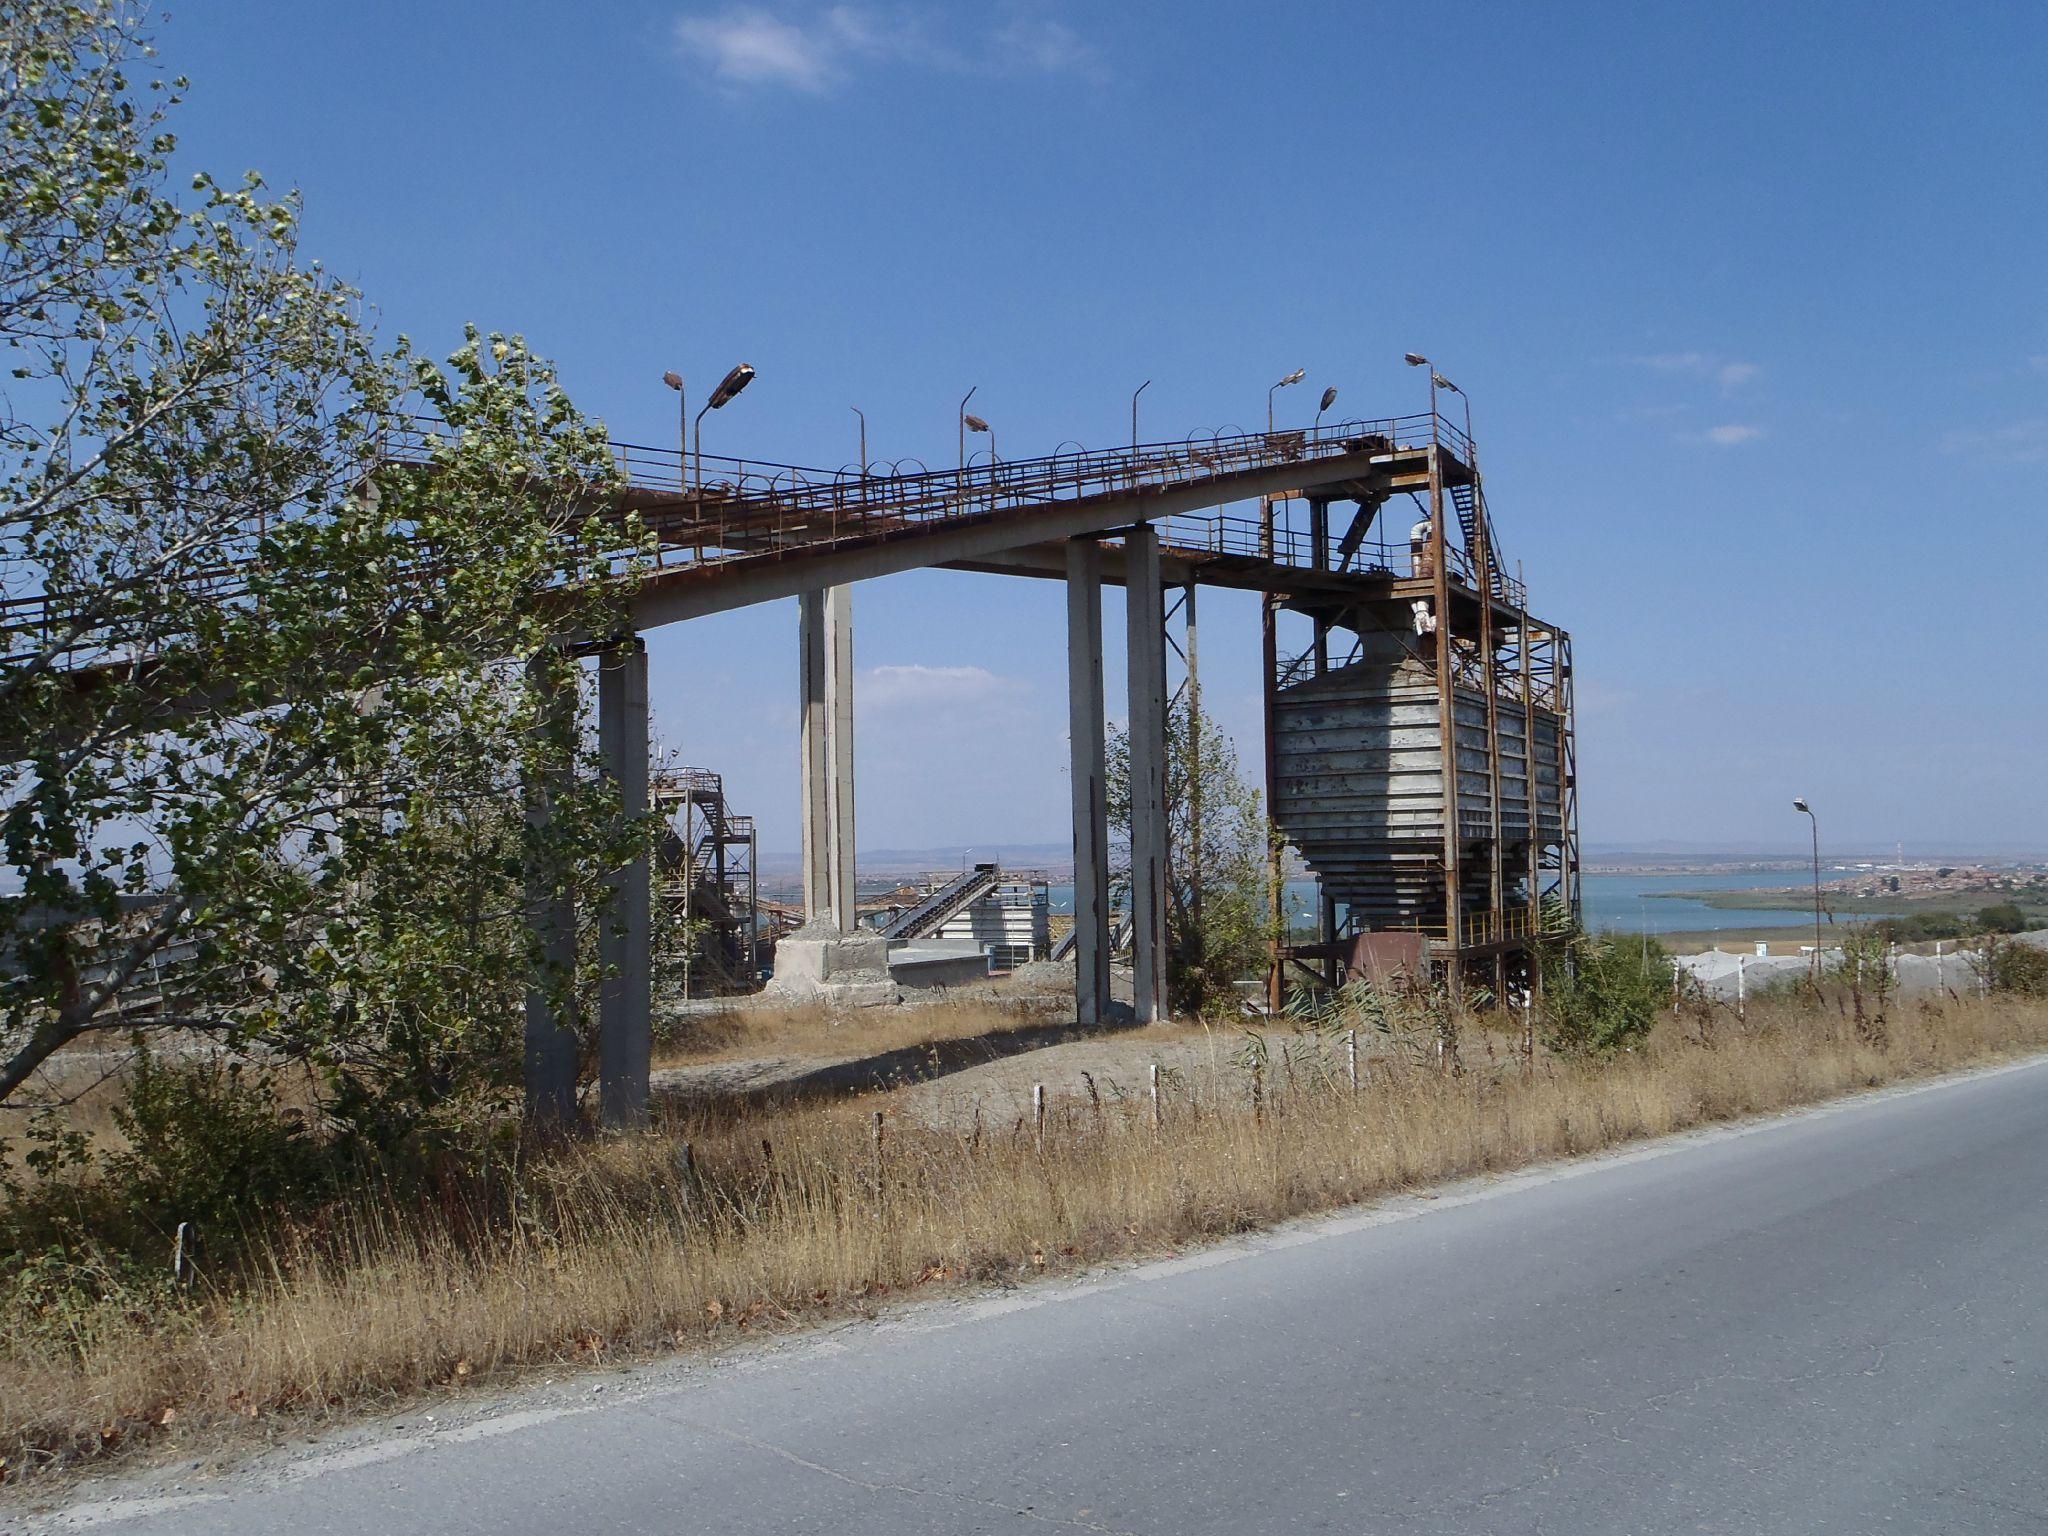 bulgarie - industrialisation au bord de la mer noire